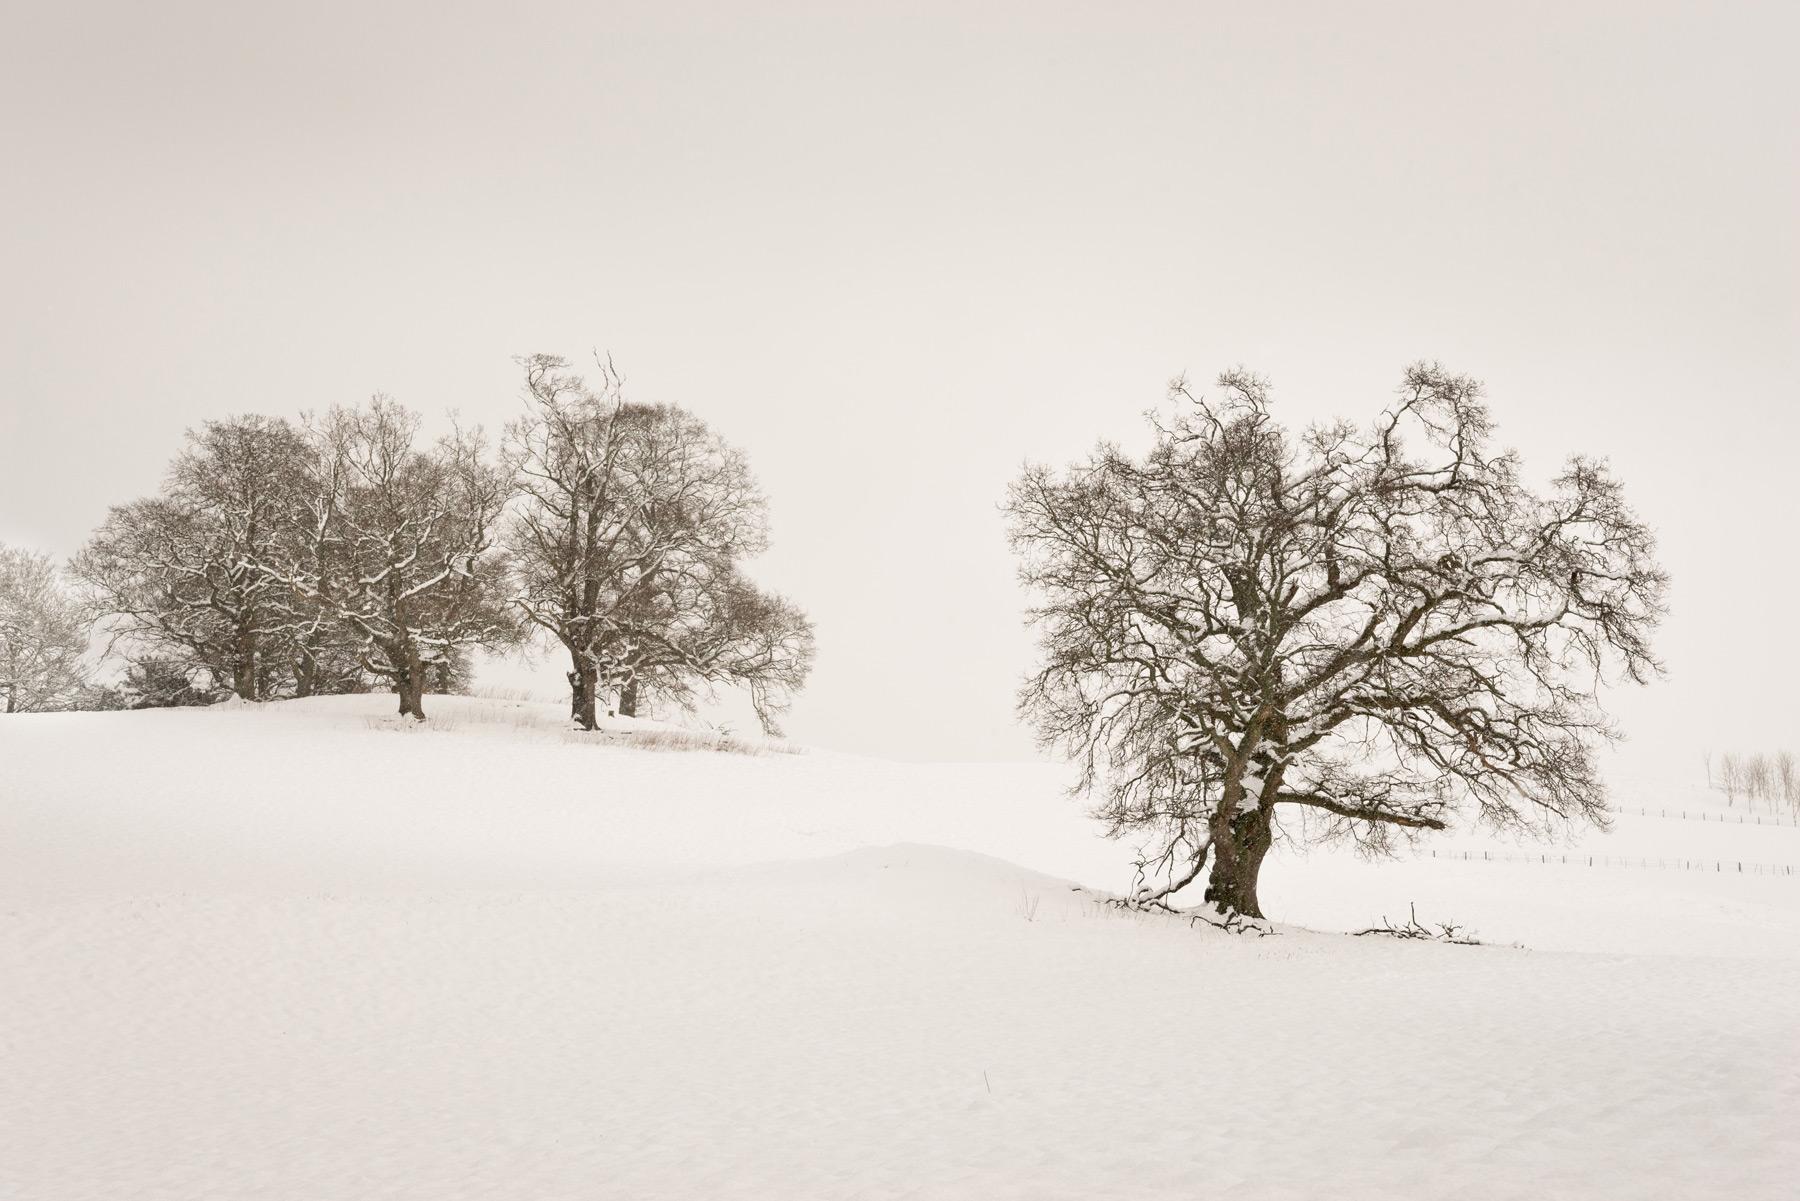 Alles ist Weiß, Crieff, Strathearn, Perthshire, Schottland